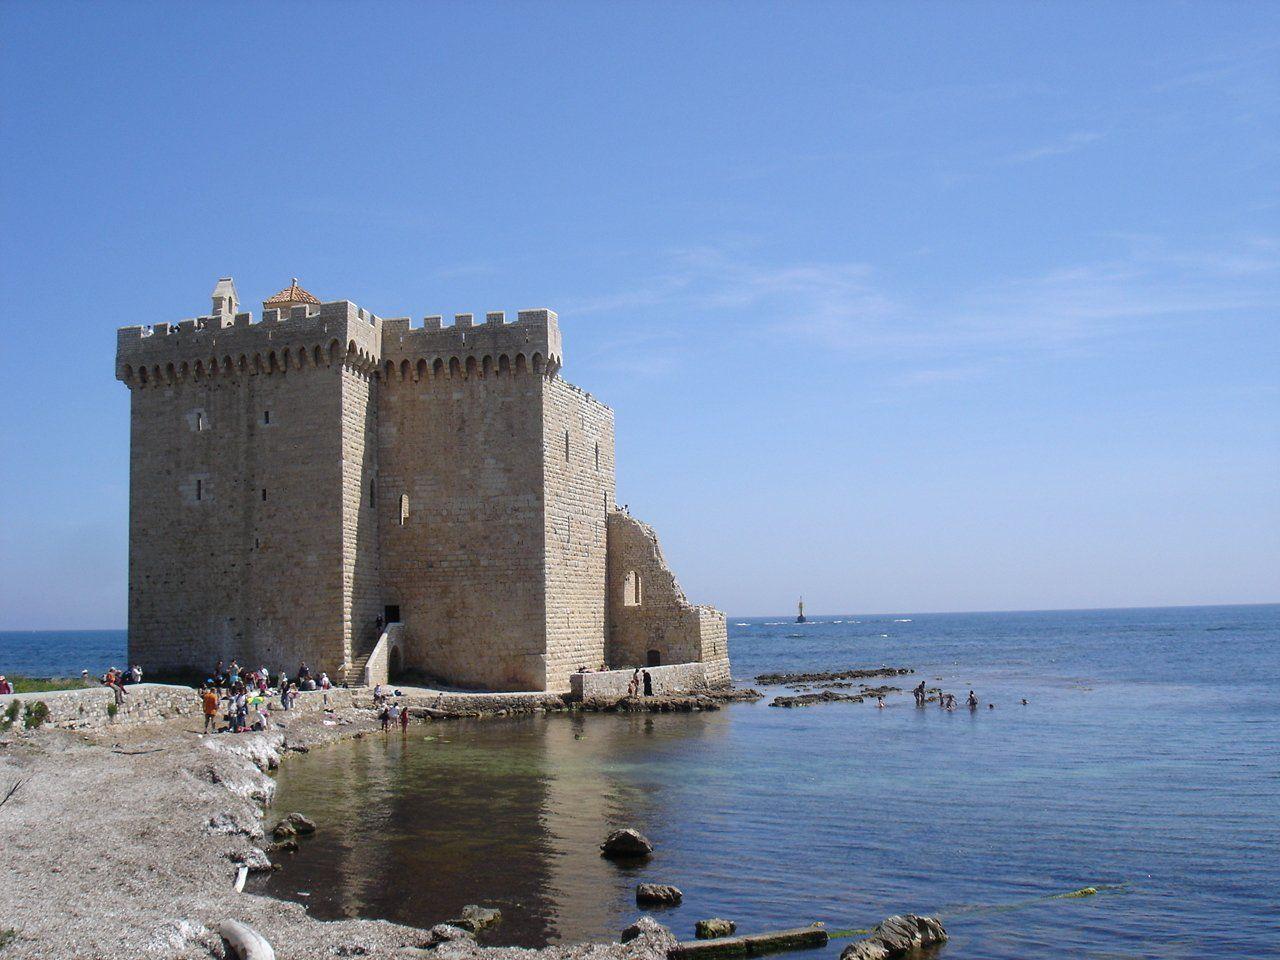 Le monastère fortifié de l'abbaye de Lérins est le joyau de l'île de Saint-Honorat. Bâti sur une presqu'île de la côte sud, il offre une vue splendide de la Méditerranée depuis ses remparts. Photo : (c) Idarvol